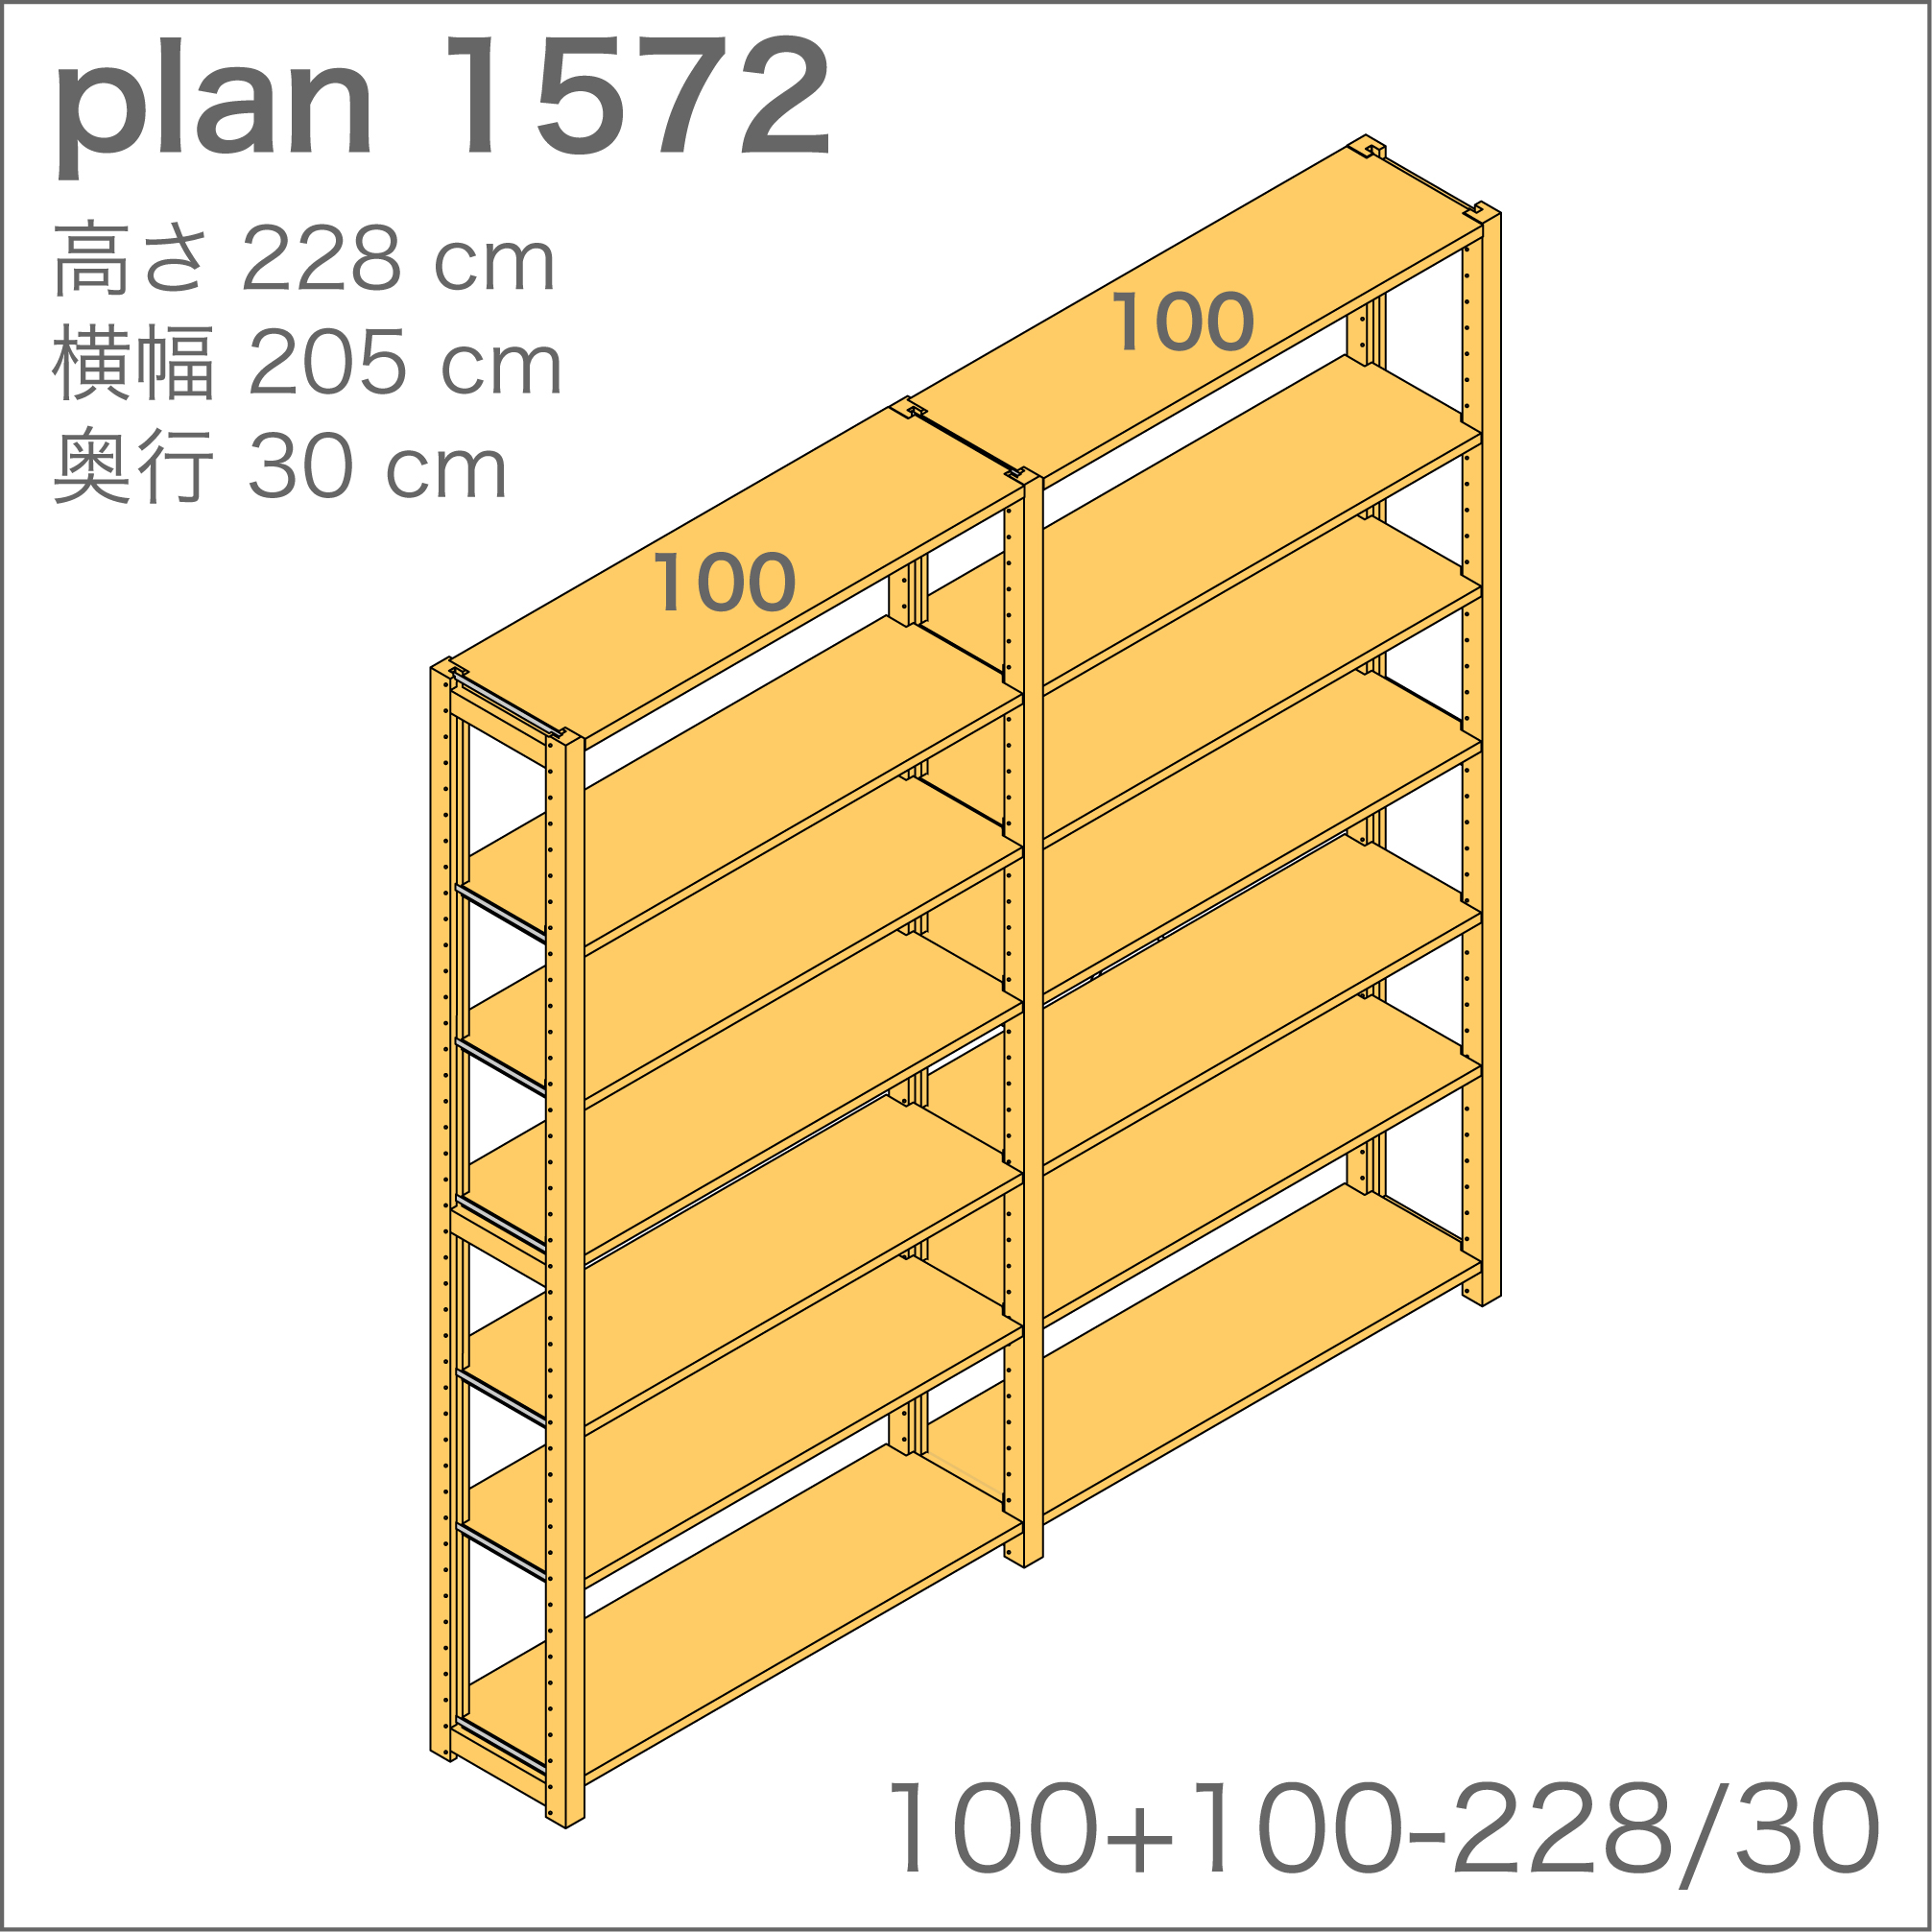 収納棚plan1572